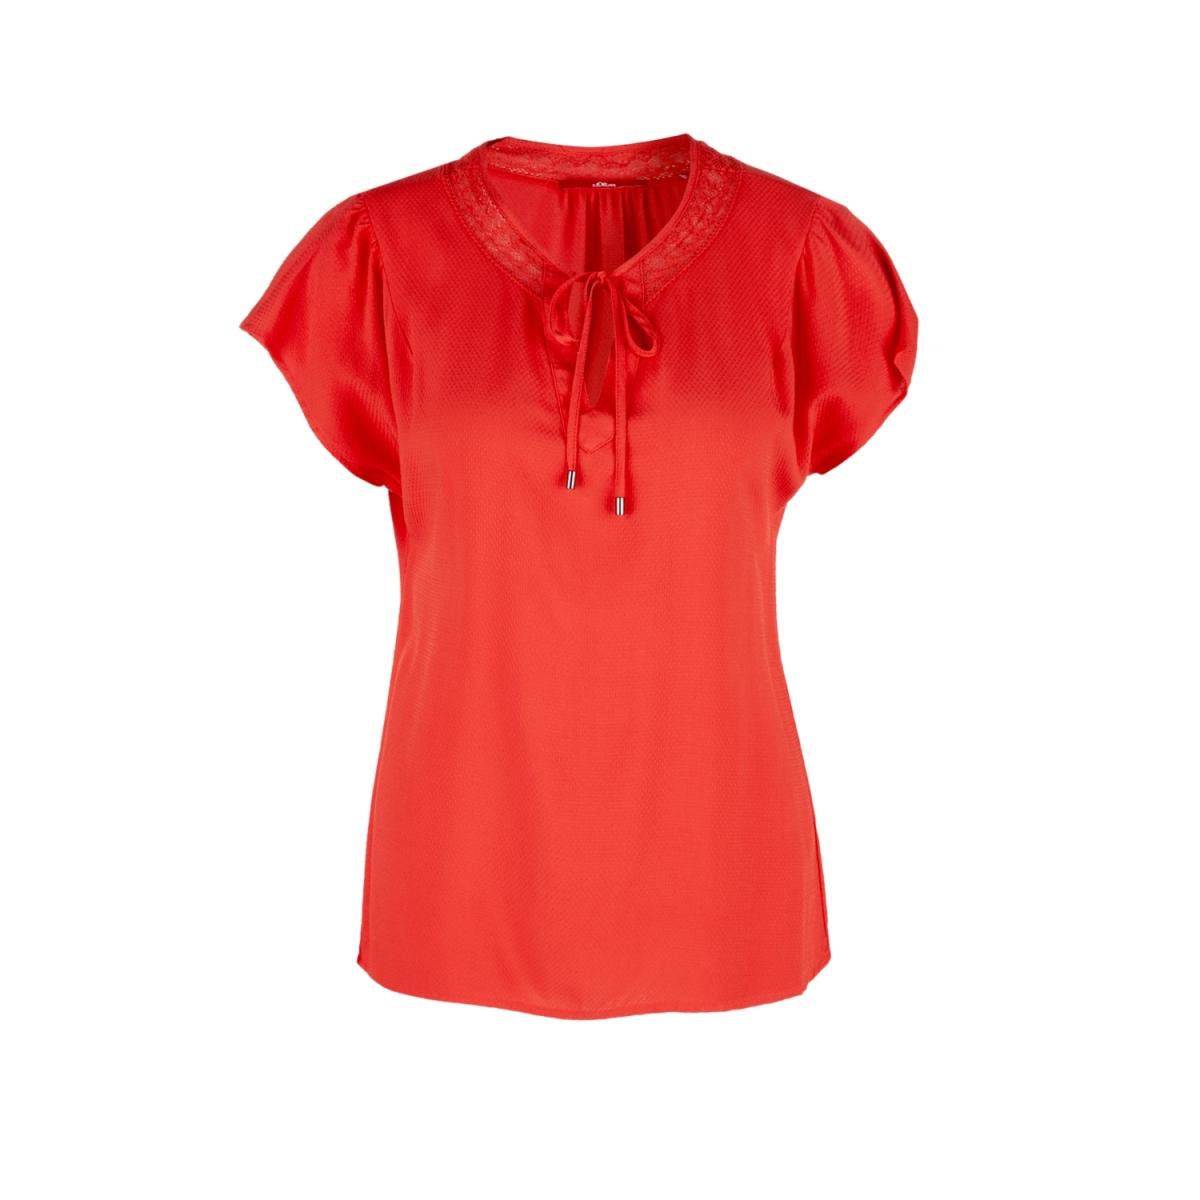 blouse met v hals en strik sluiting 14904125318 s.oliver blouse 2610